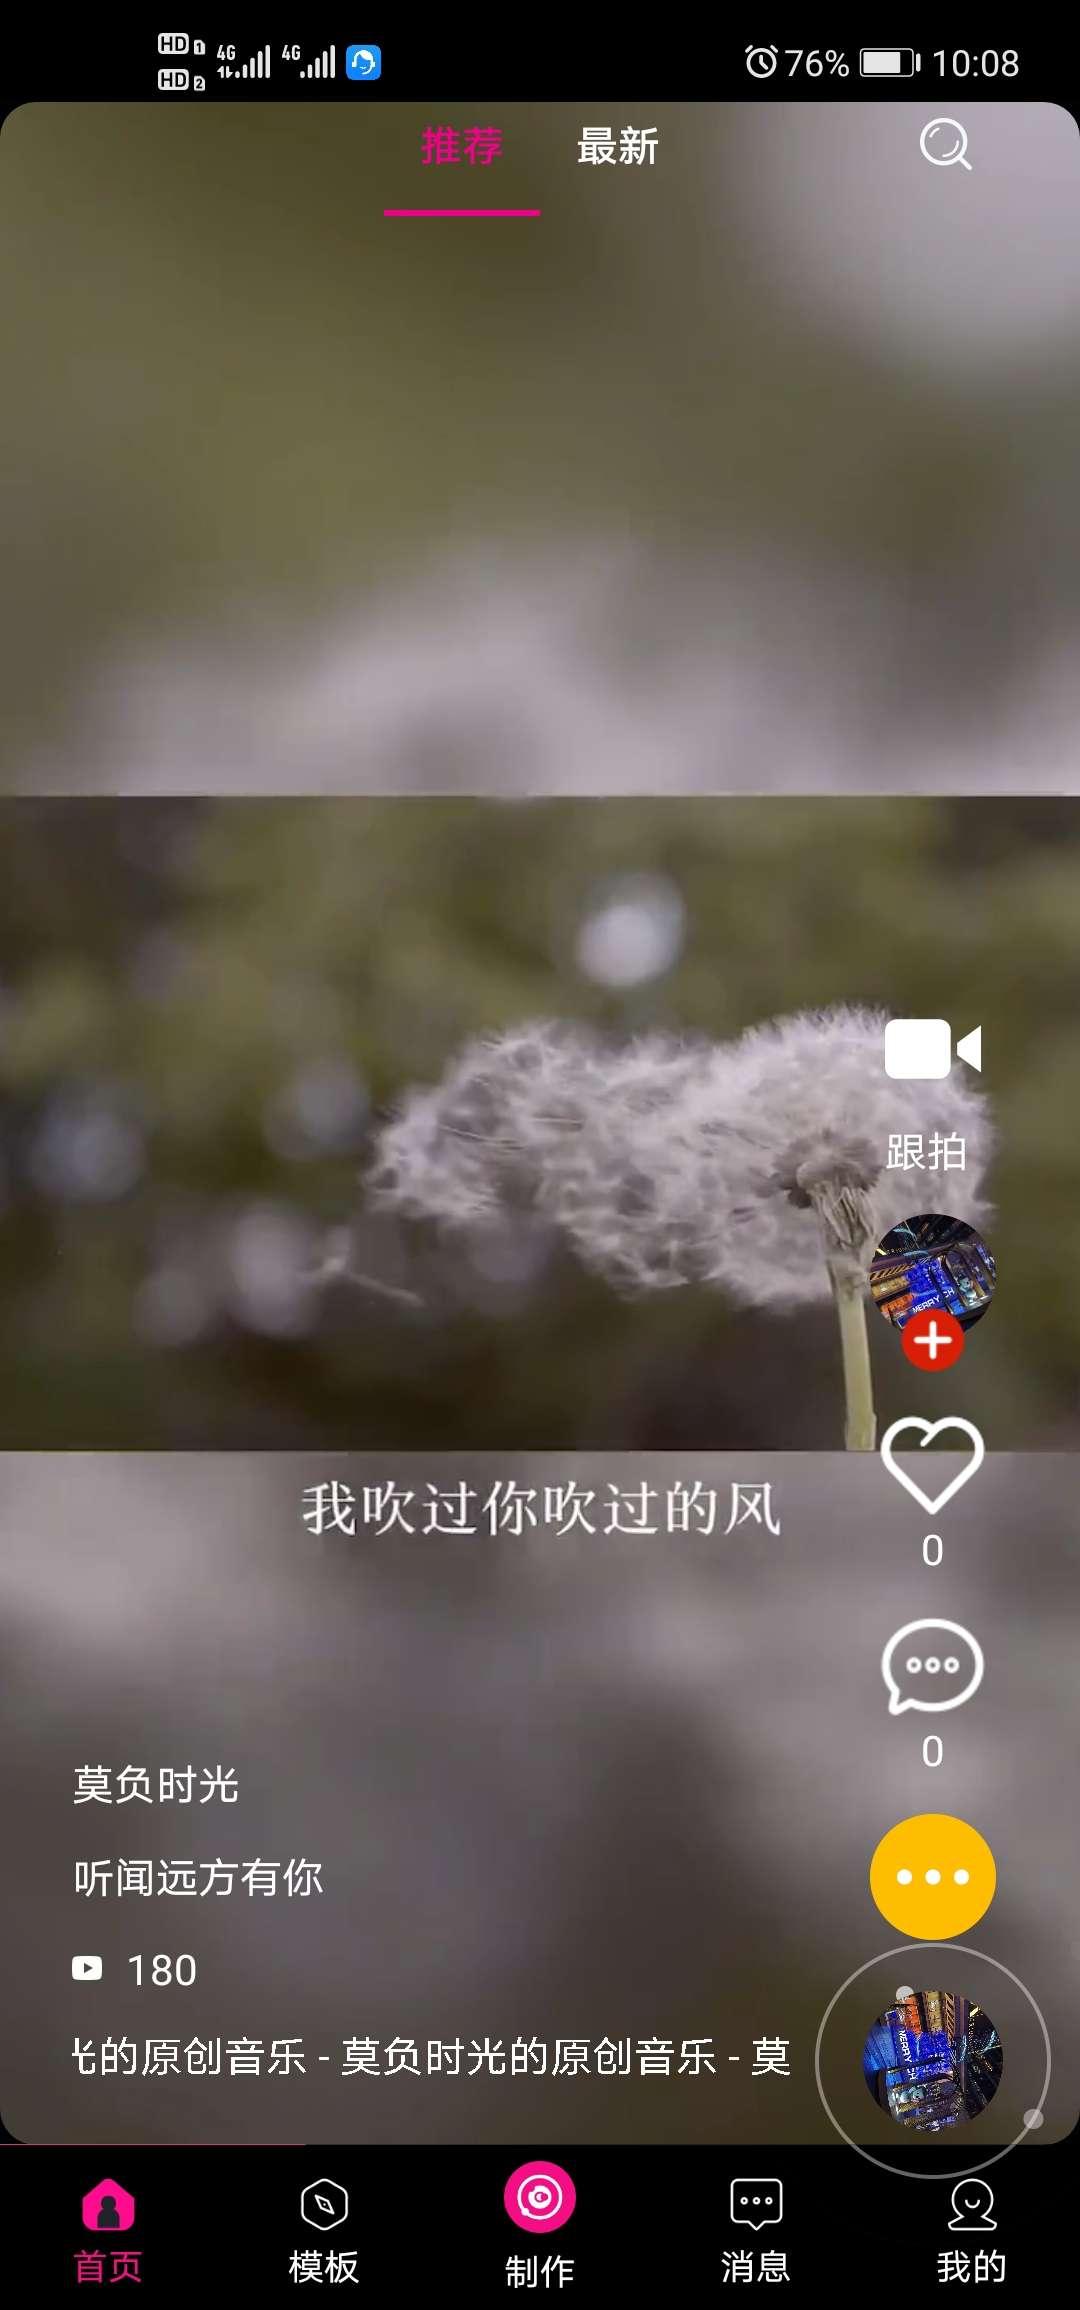 【分享】爱剪辑v10.0永久修改